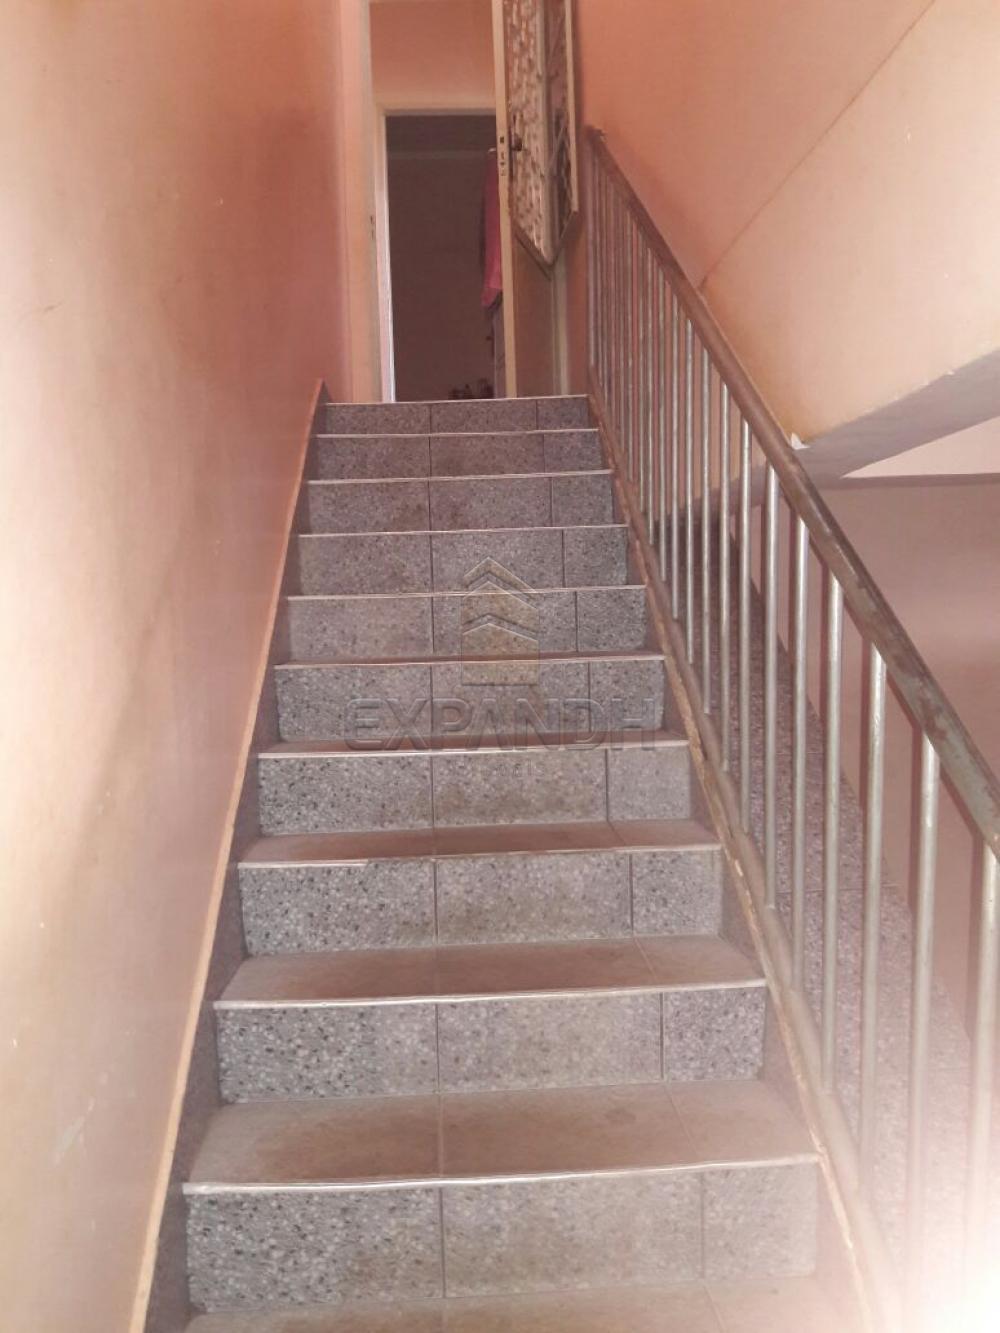 Comprar Casas / Padrão em Sertãozinho R$ 285.000,00 - Foto 6